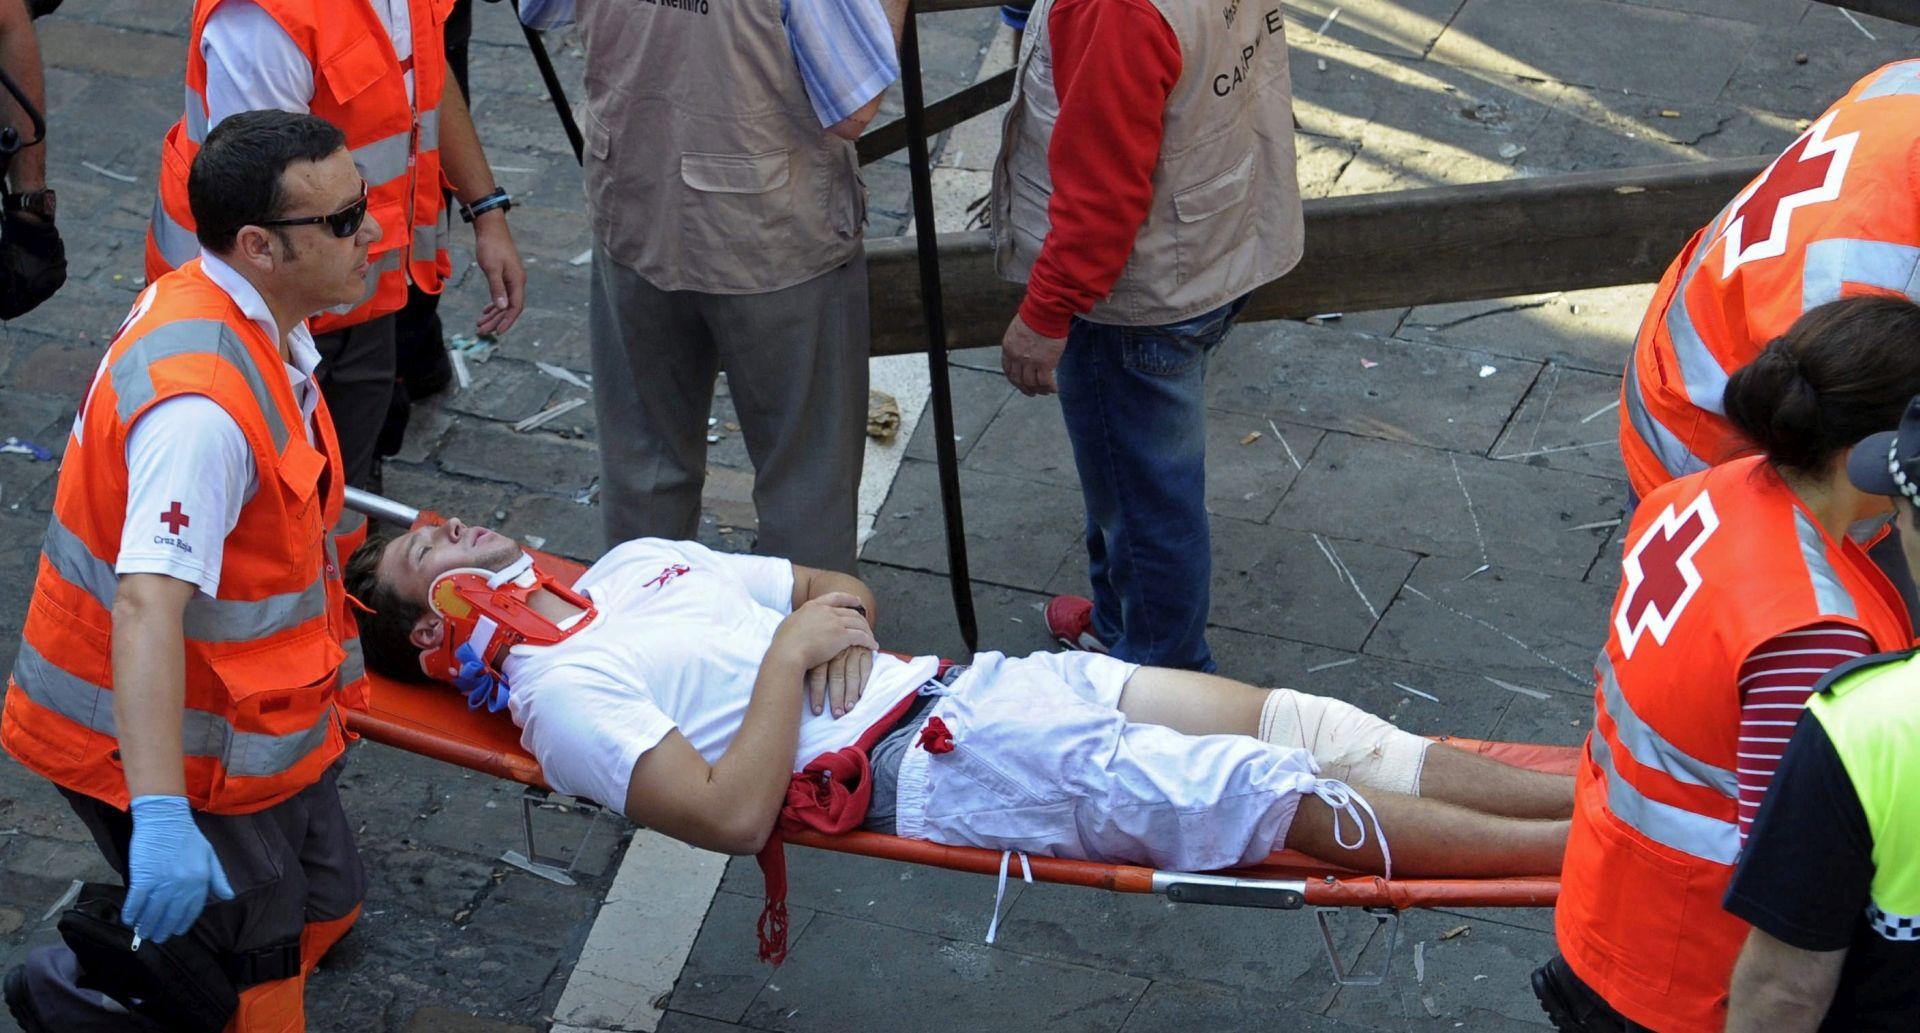 """Crveni križ tvrdi kako je britanski zdravstveni sustav u """"humanitarnoj krizi"""""""